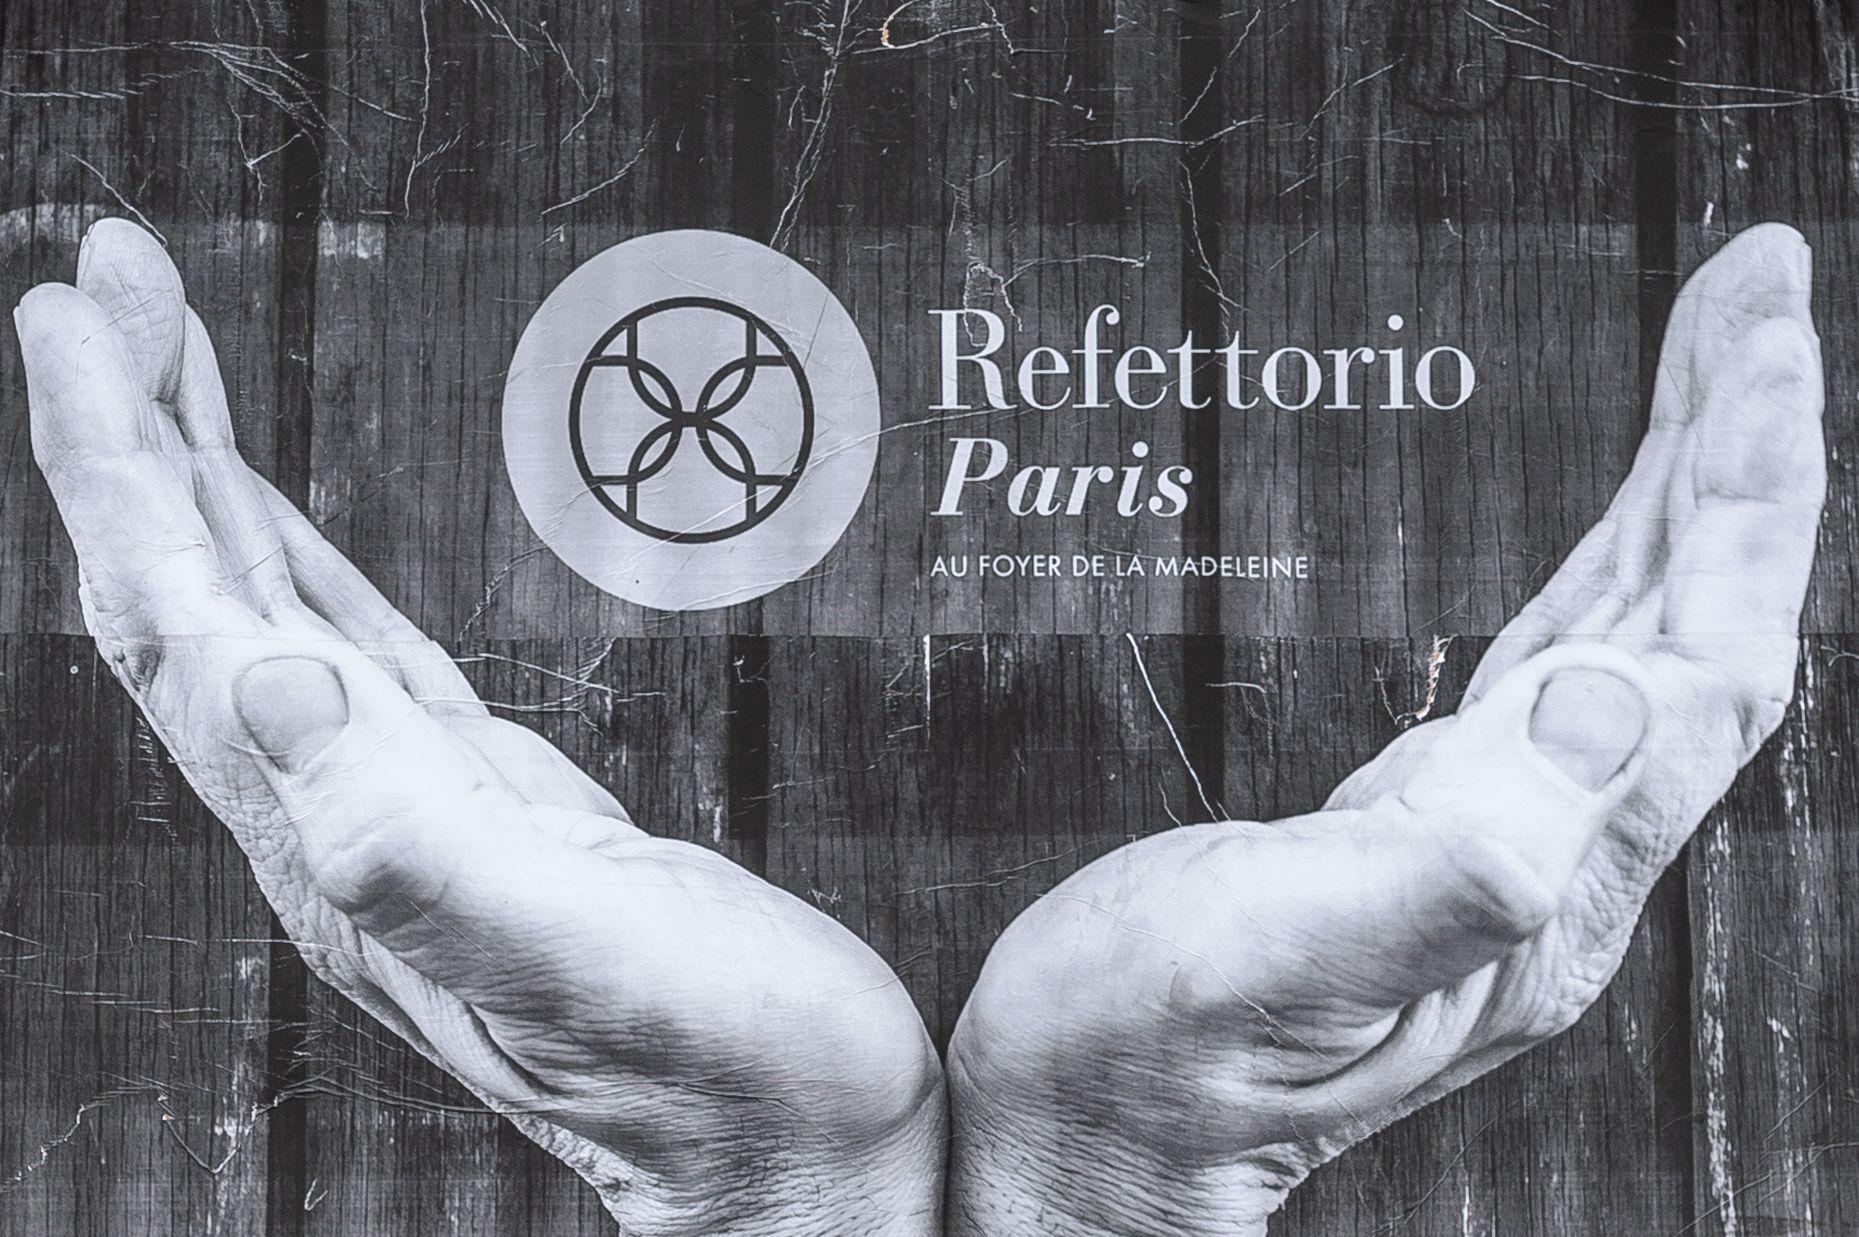 Refettorio Paris-CREDITS shehanhanwellage